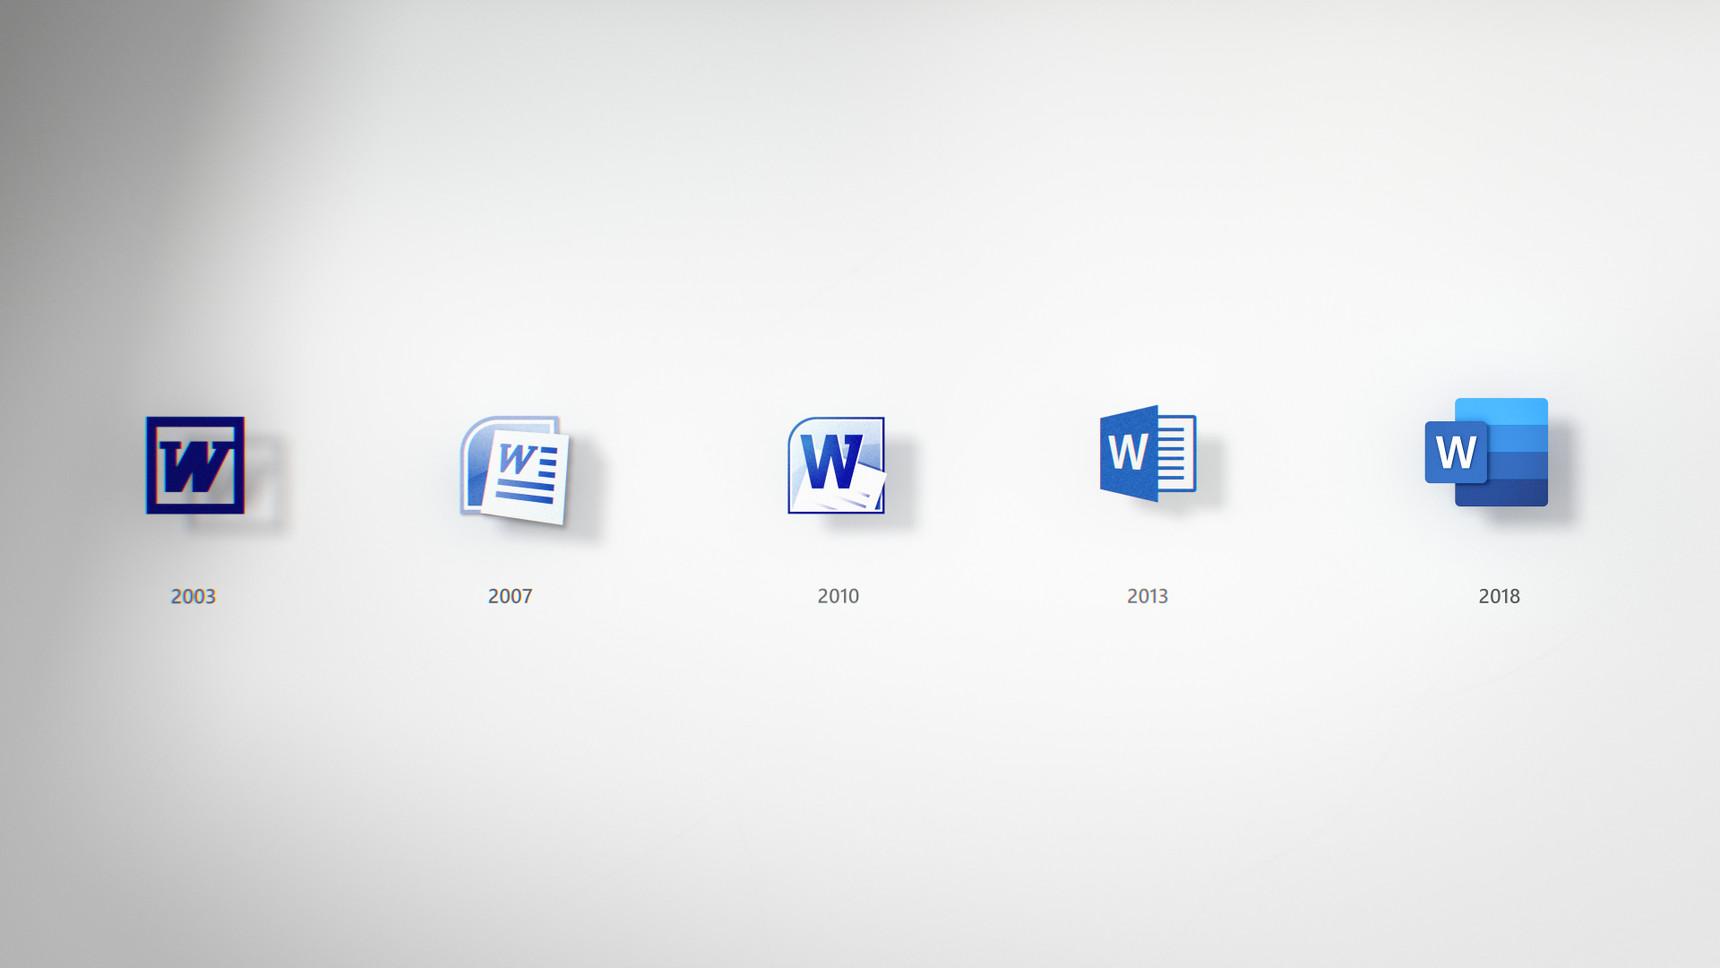 Windows 10 Office Microsoft